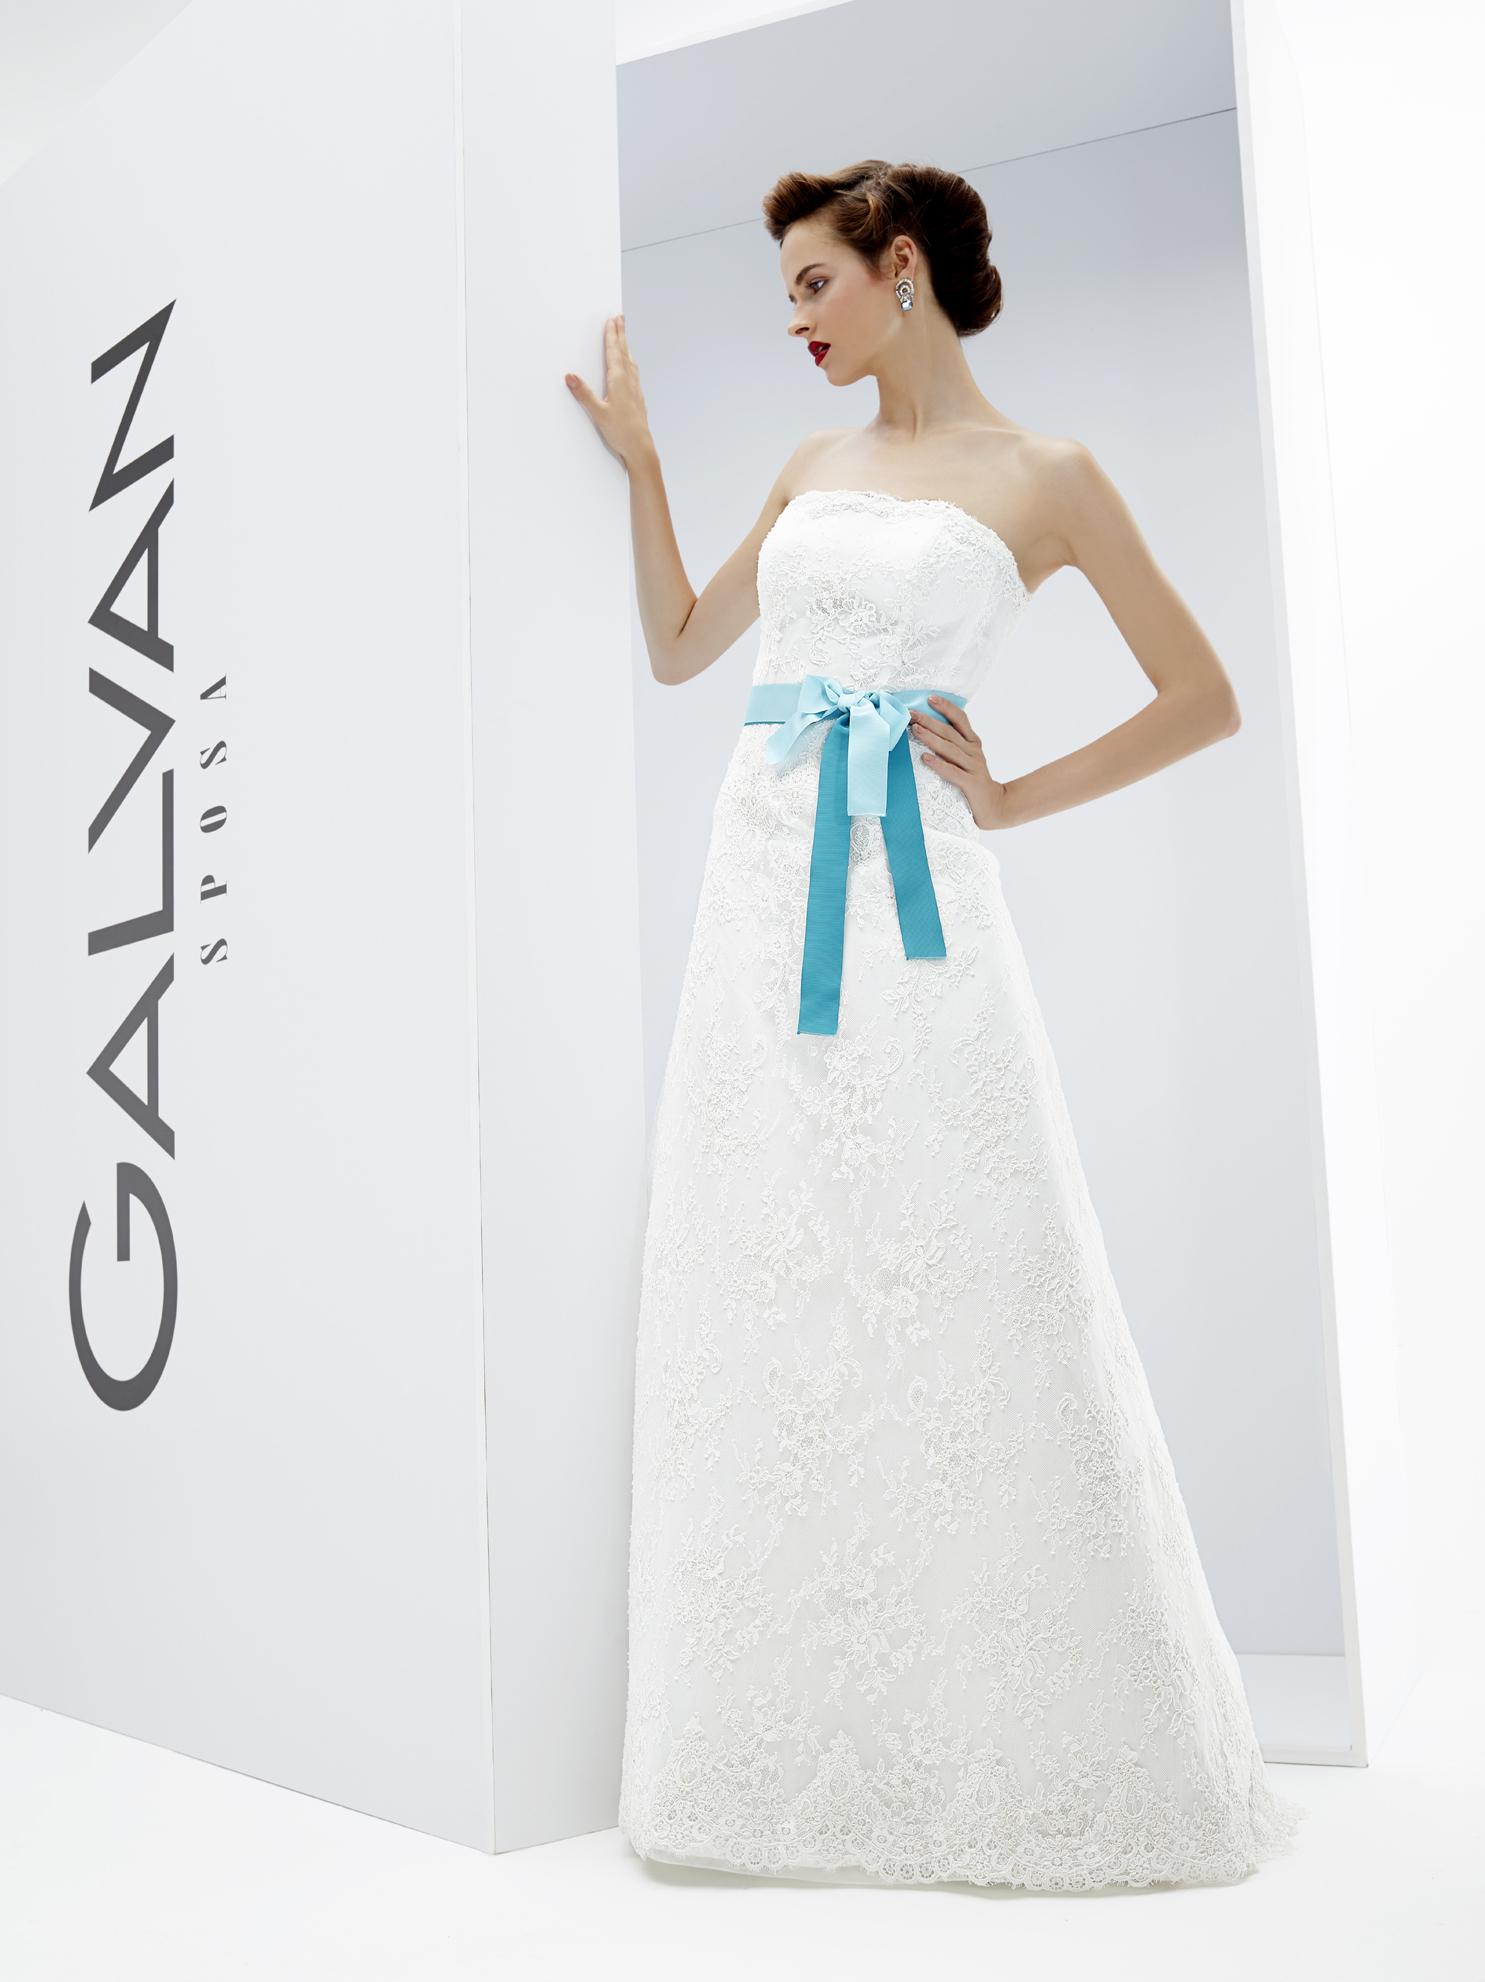 Vestiti Da Sposa Tiffany.Abito Da Sposa Venere Della Collezione Galvan Sposa